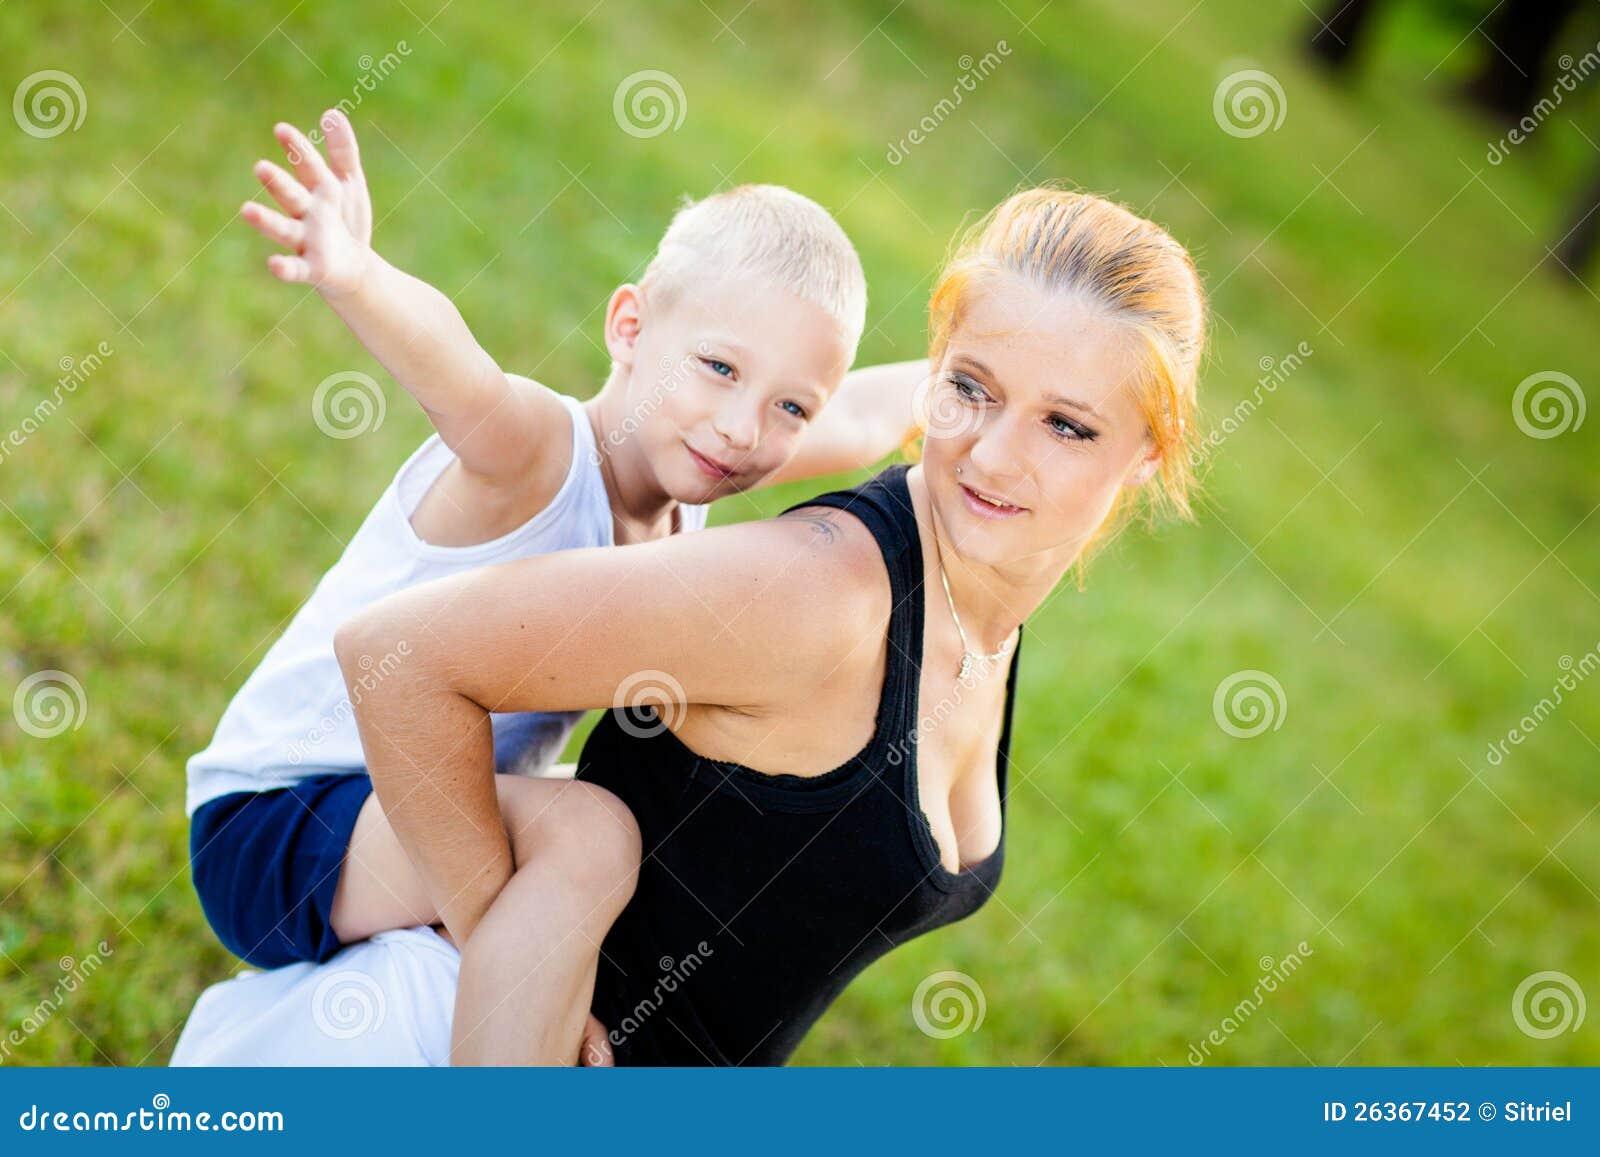 Kleiner Junge, der Spaß mit seiner Mutter hat